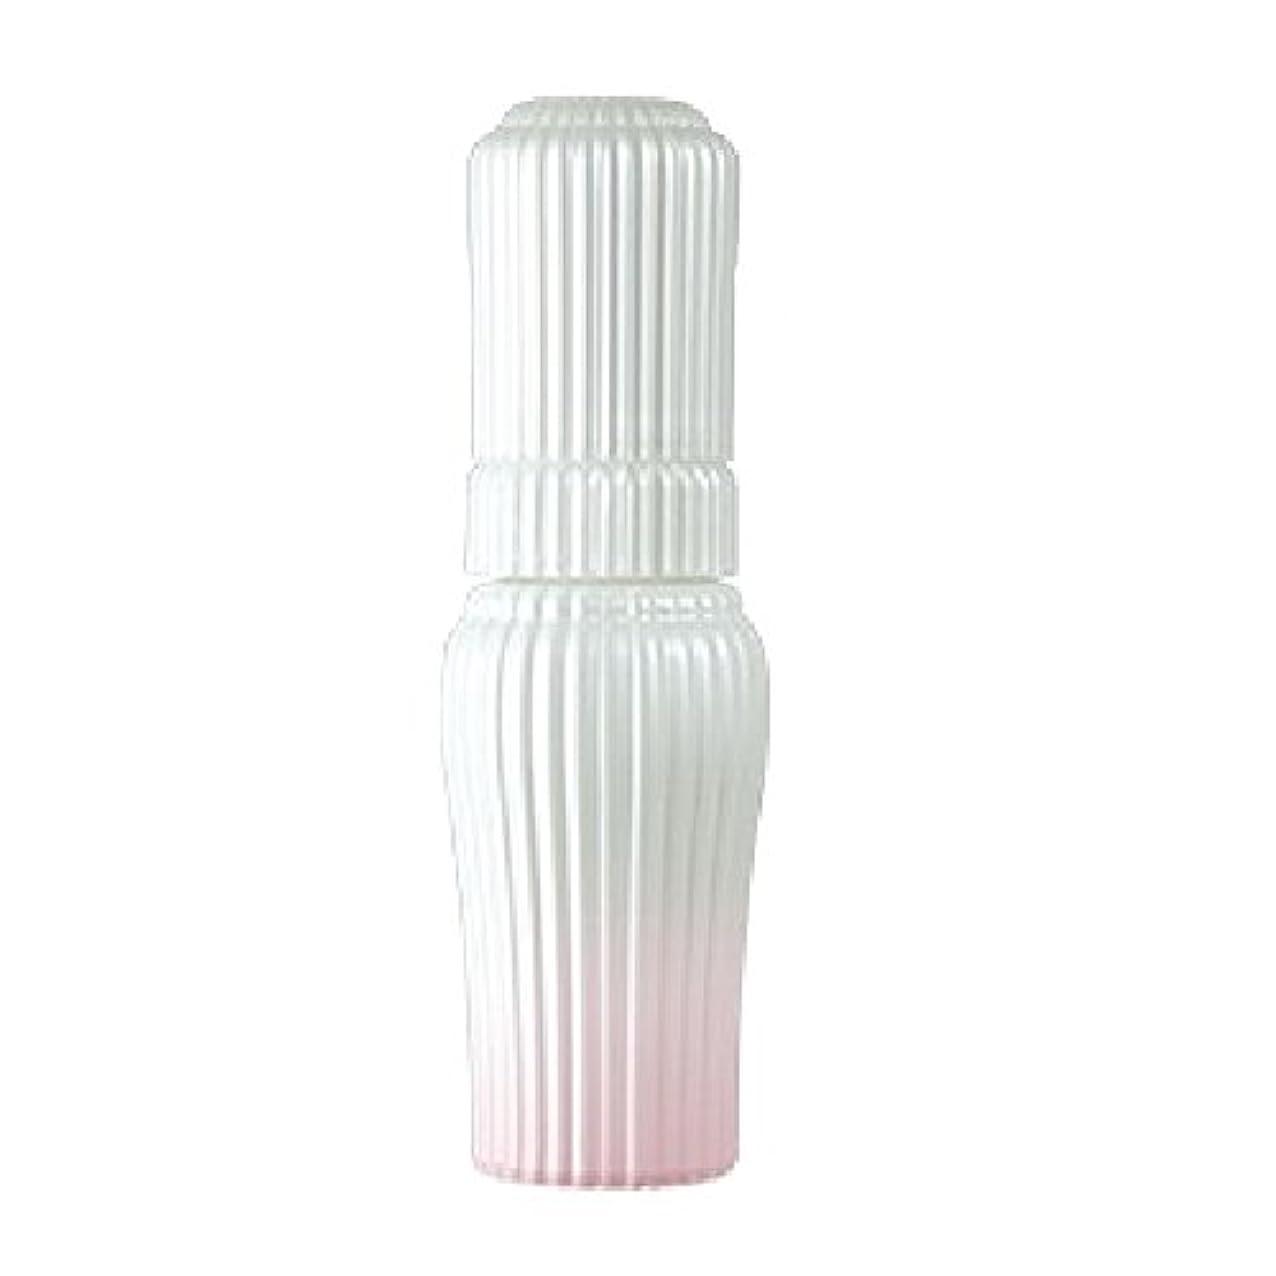 適応する神秘バンドアユーラ (AYURA) fサインディフェンス ホワイトニングセラム(医薬部外品) 40mL 〈敏感肌用 美白 美容液〉 薬用美白液